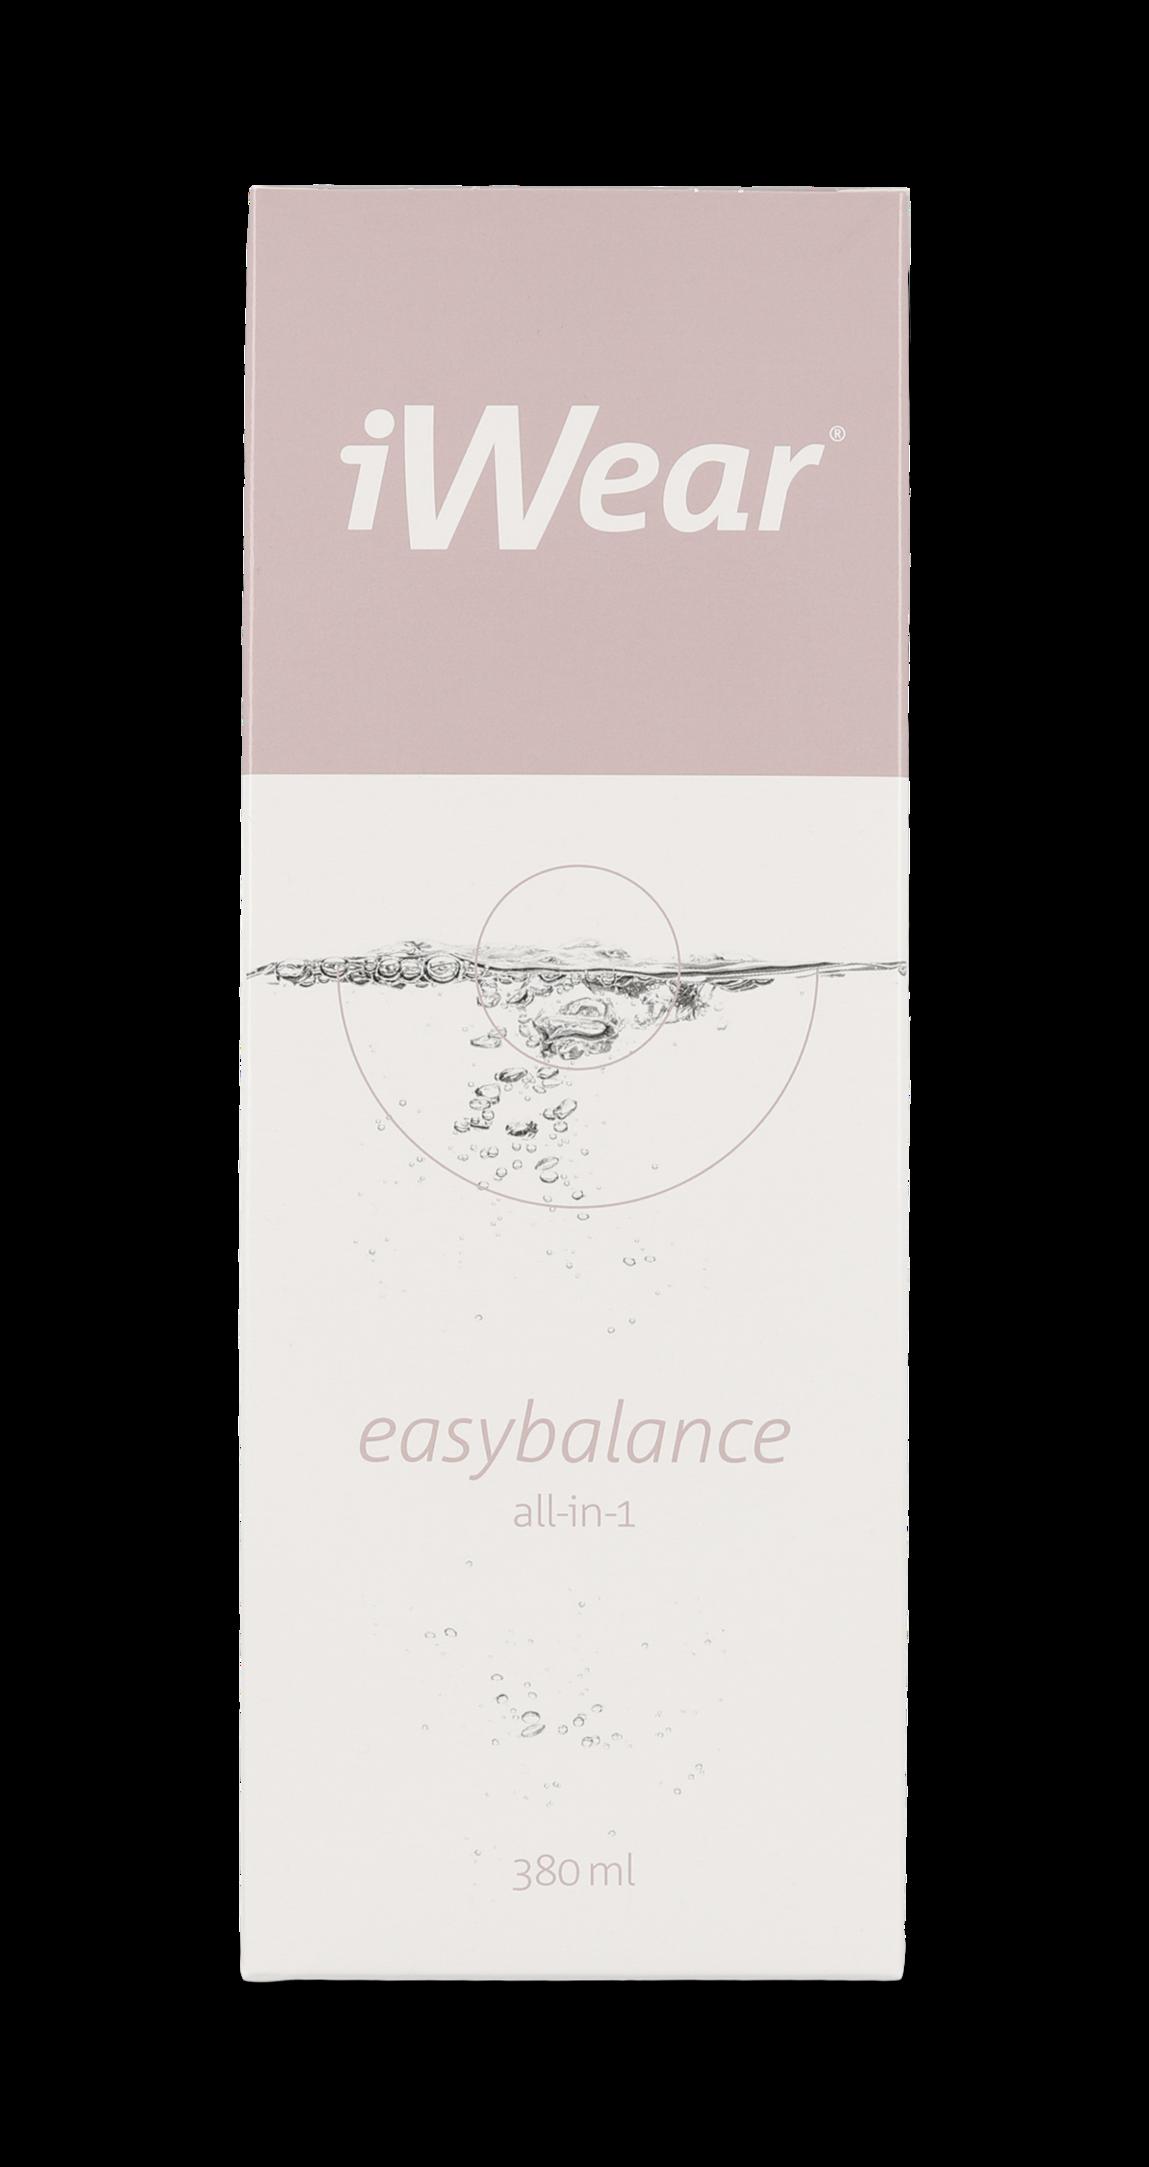 Front iWear iWear All-in-1 Easybalance 380ml